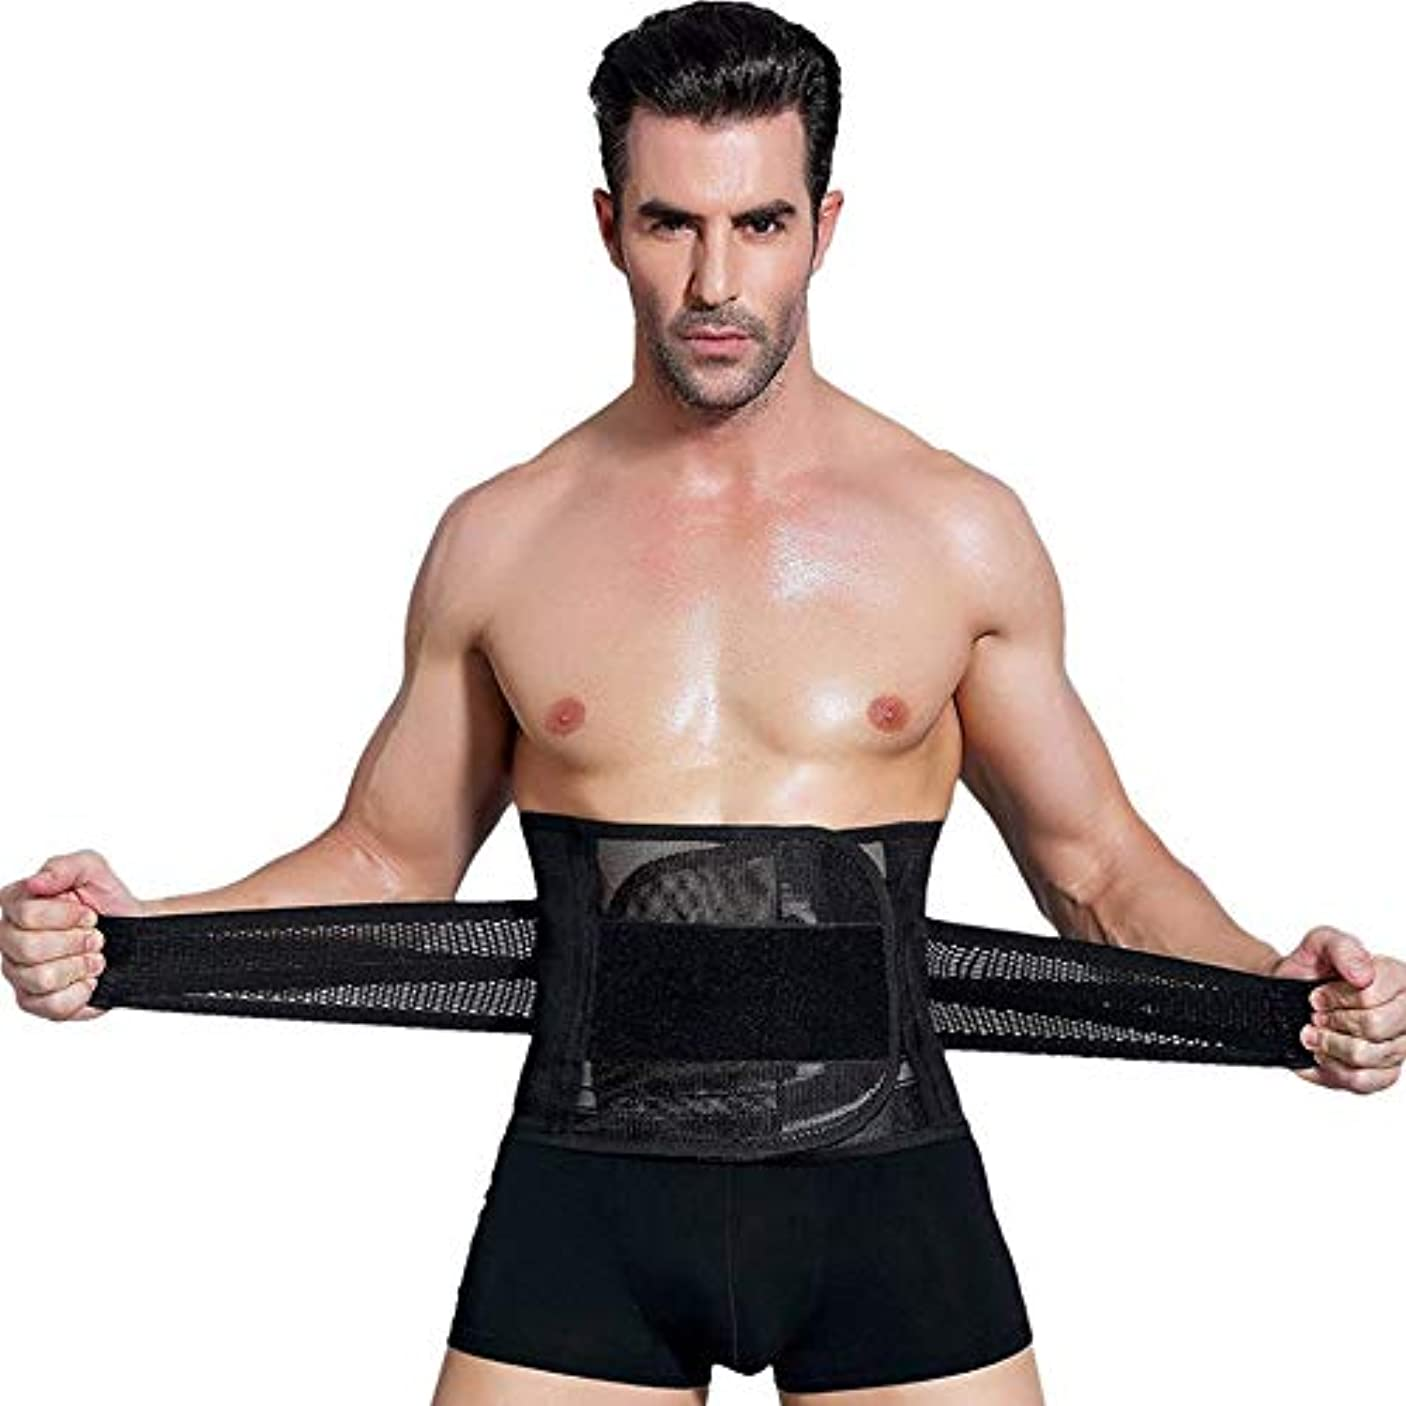 アンプ存在する控えめな男性ボディシェイパーコルセット腹部おなかコントロールウエストトレーナーニッパー脂肪燃焼ガードル痩身腹ベルト用男性 - ブラックXXL